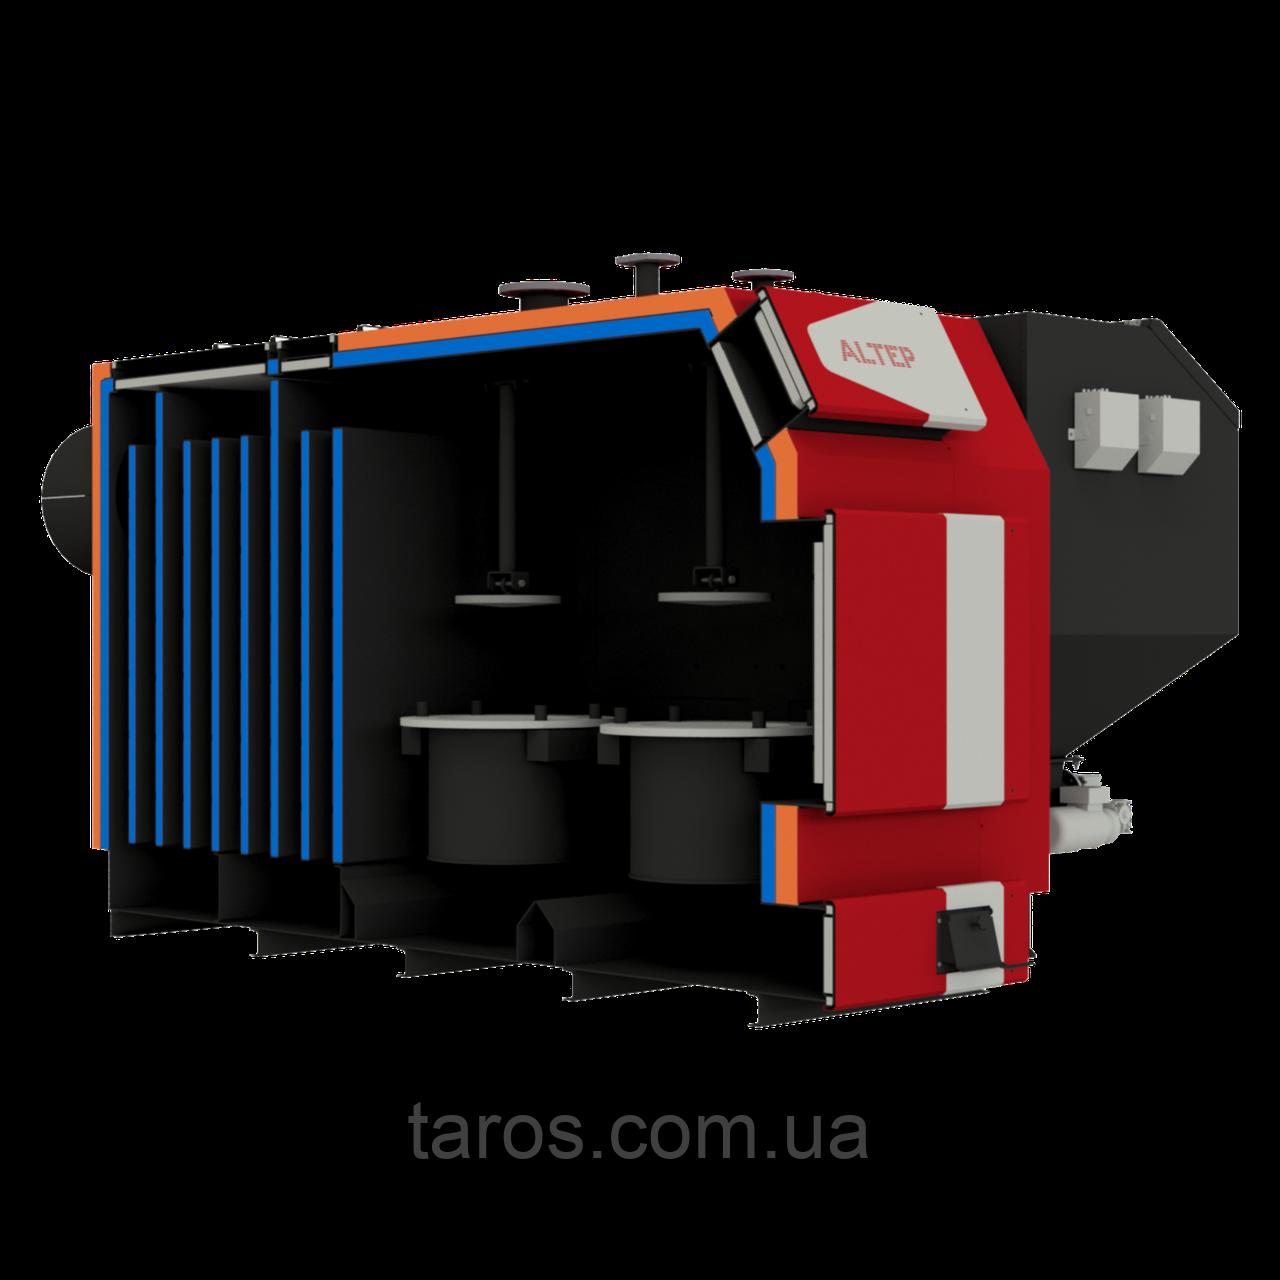 КУПИТЬ ТВЕРДОТОПЛИВНЫЕ КОТЛЫ НА ПЕЛЛЕТАХ TRIO Pellet (KT-3ESH) 300 кВт